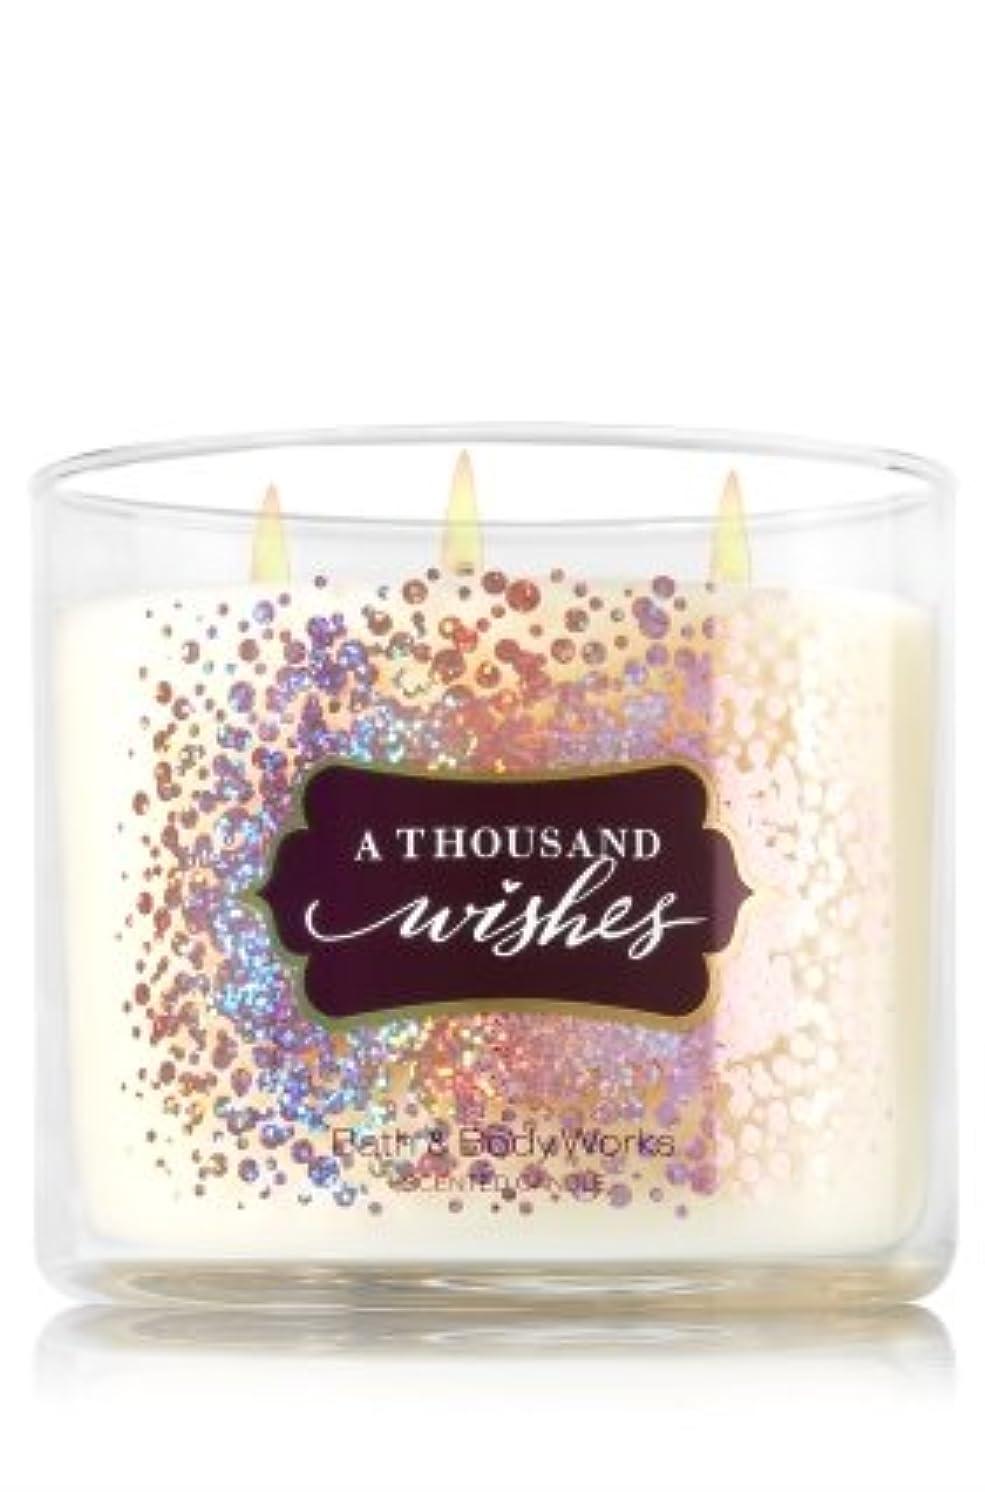 おじさんビクター苗【Bath&Body Works/バス&ボディワークス】 アロマキャンドル アサウザンドウィッシュ 3-Wick Scented Candle A Thousand Wishes 14.5oz/411g [並行輸入品]